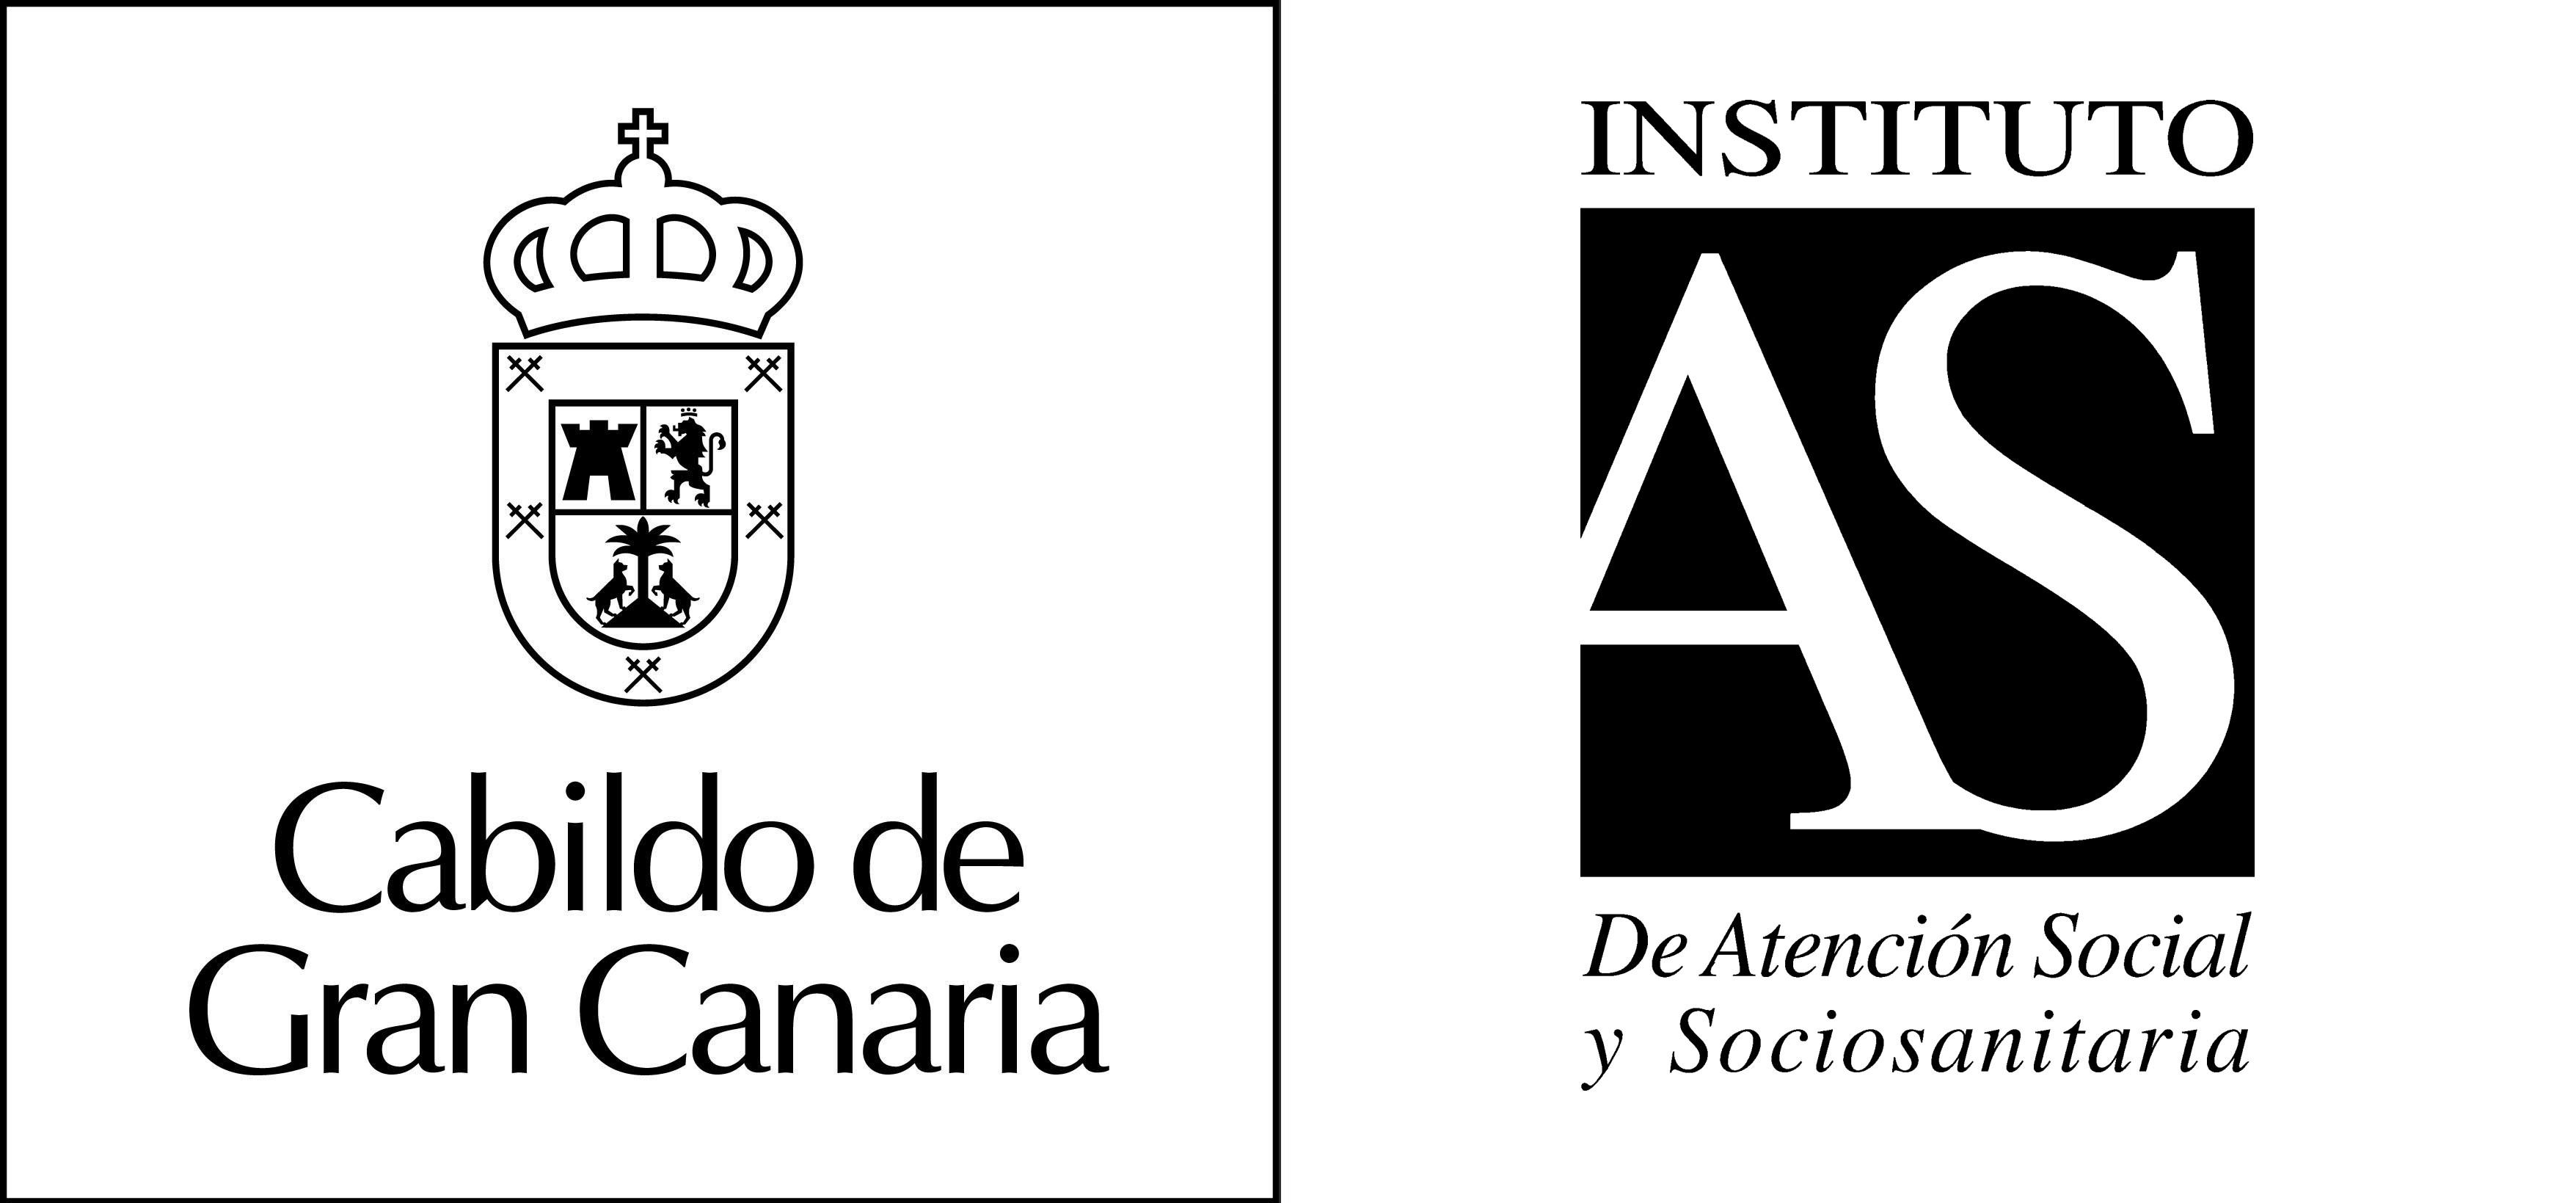 logo_cabildo_ias_negro